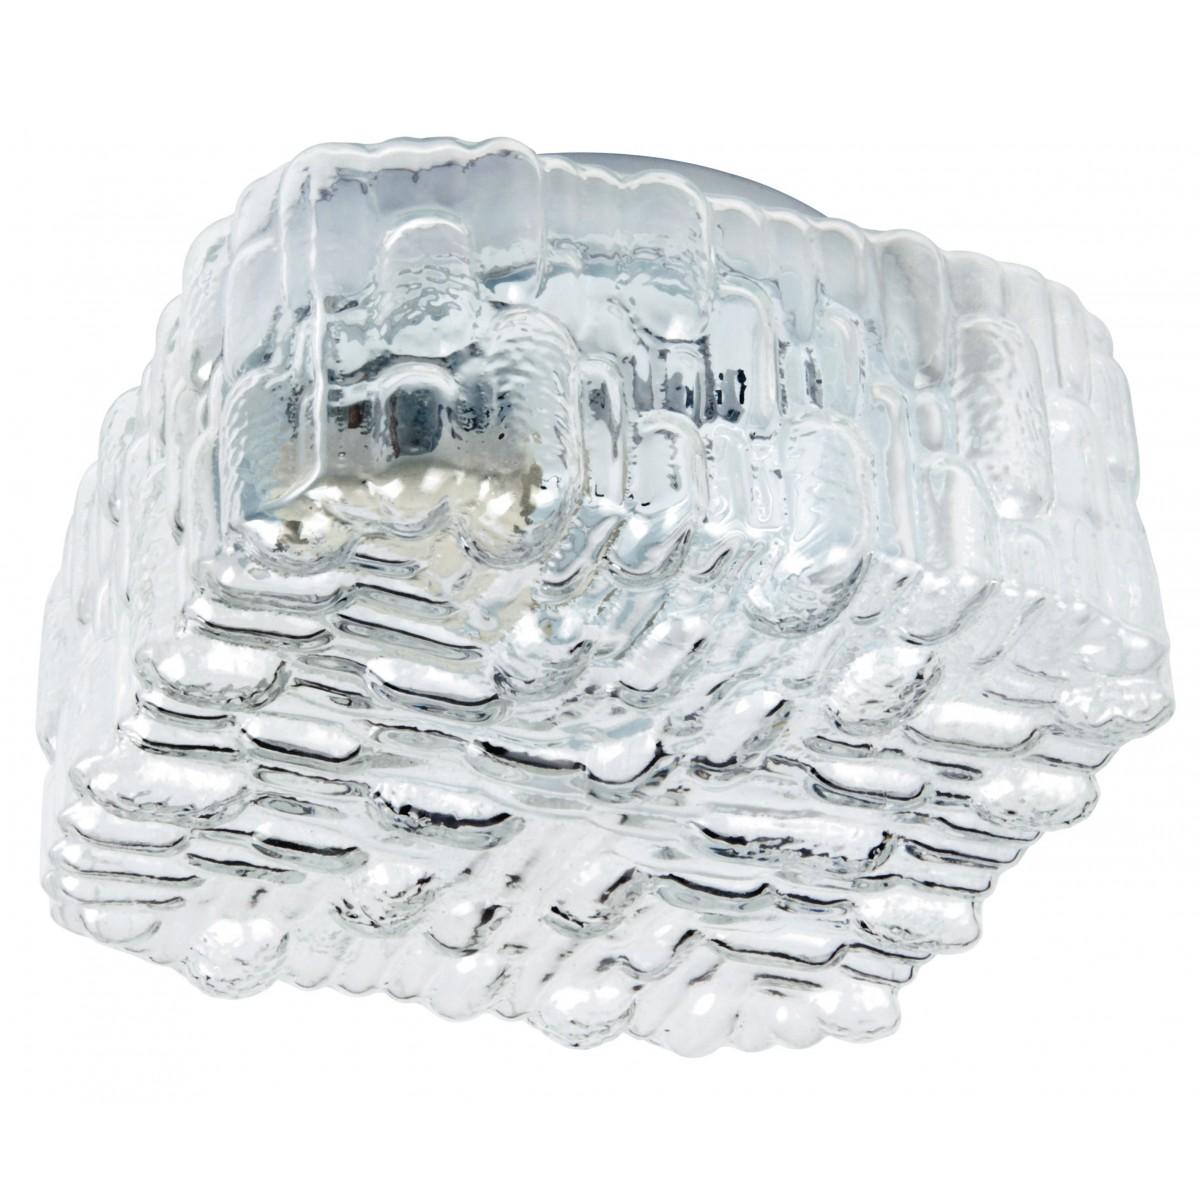 I-GIULIETTA/PL17 - Plafoniera Ghiaccio Cubica Vetro Trasparente Decorato Lampada Moderna E27